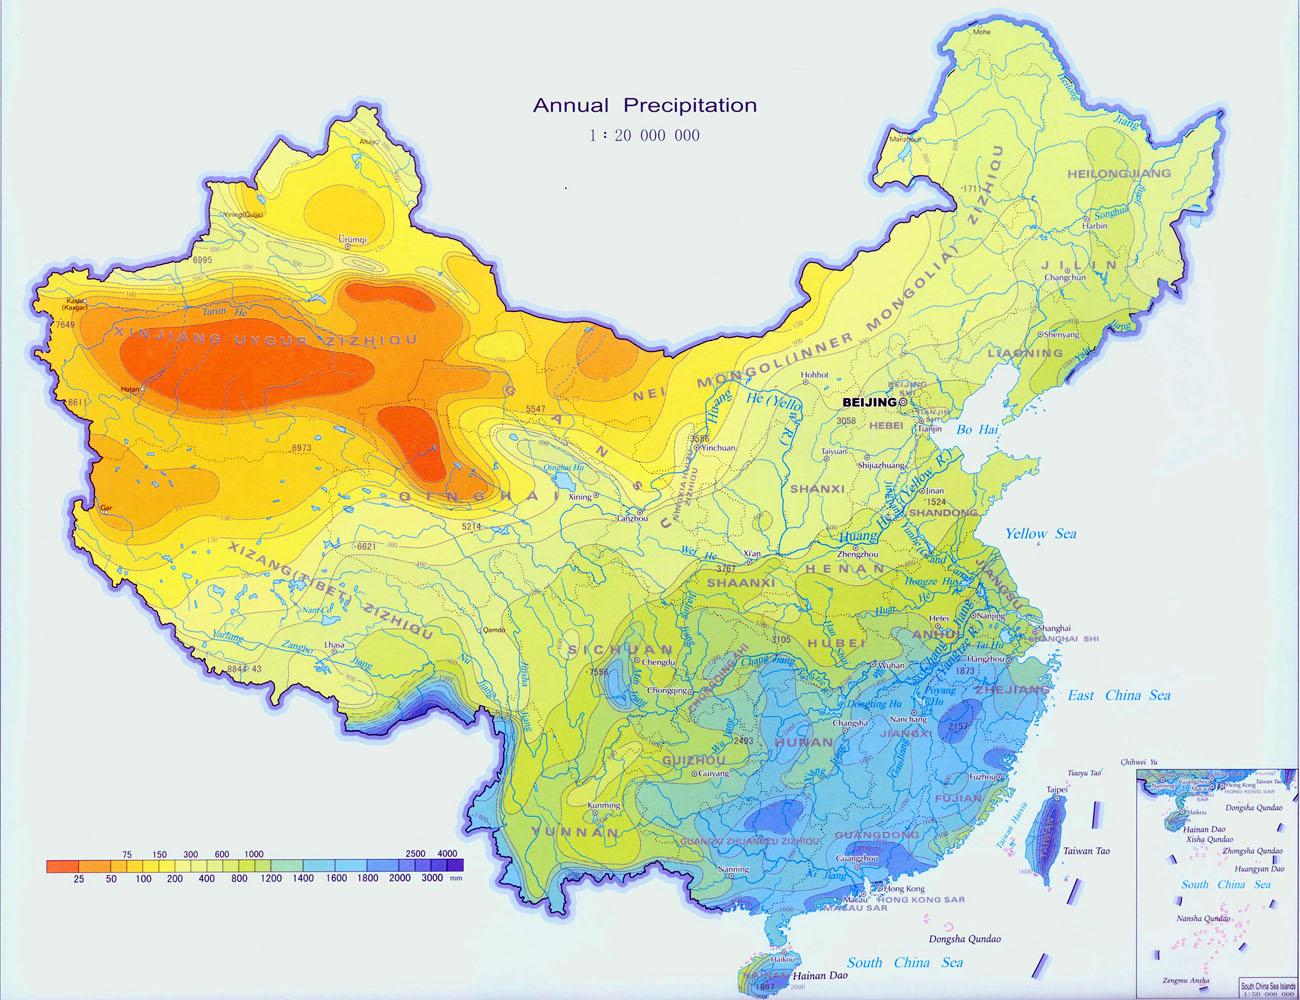 Case Study 1 China